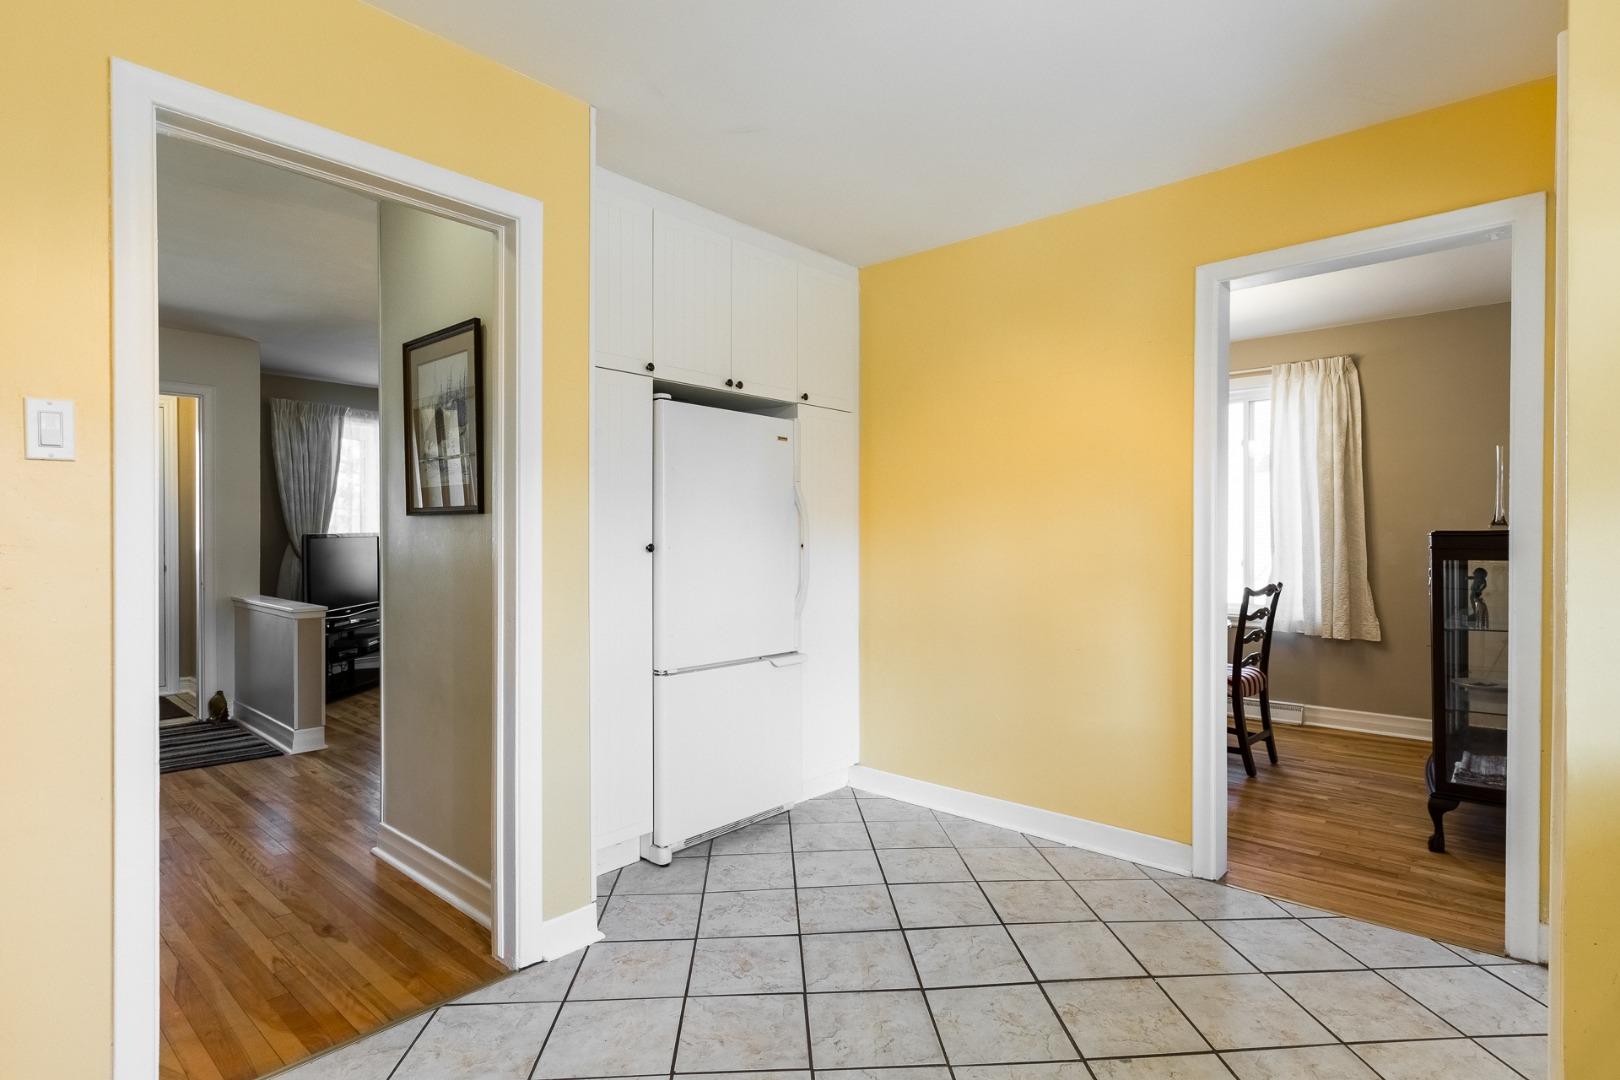 Maison à vendre_-_4351_rue_gilles_-_pierrefonds_-_steve_rouleau_-_al13.jpg